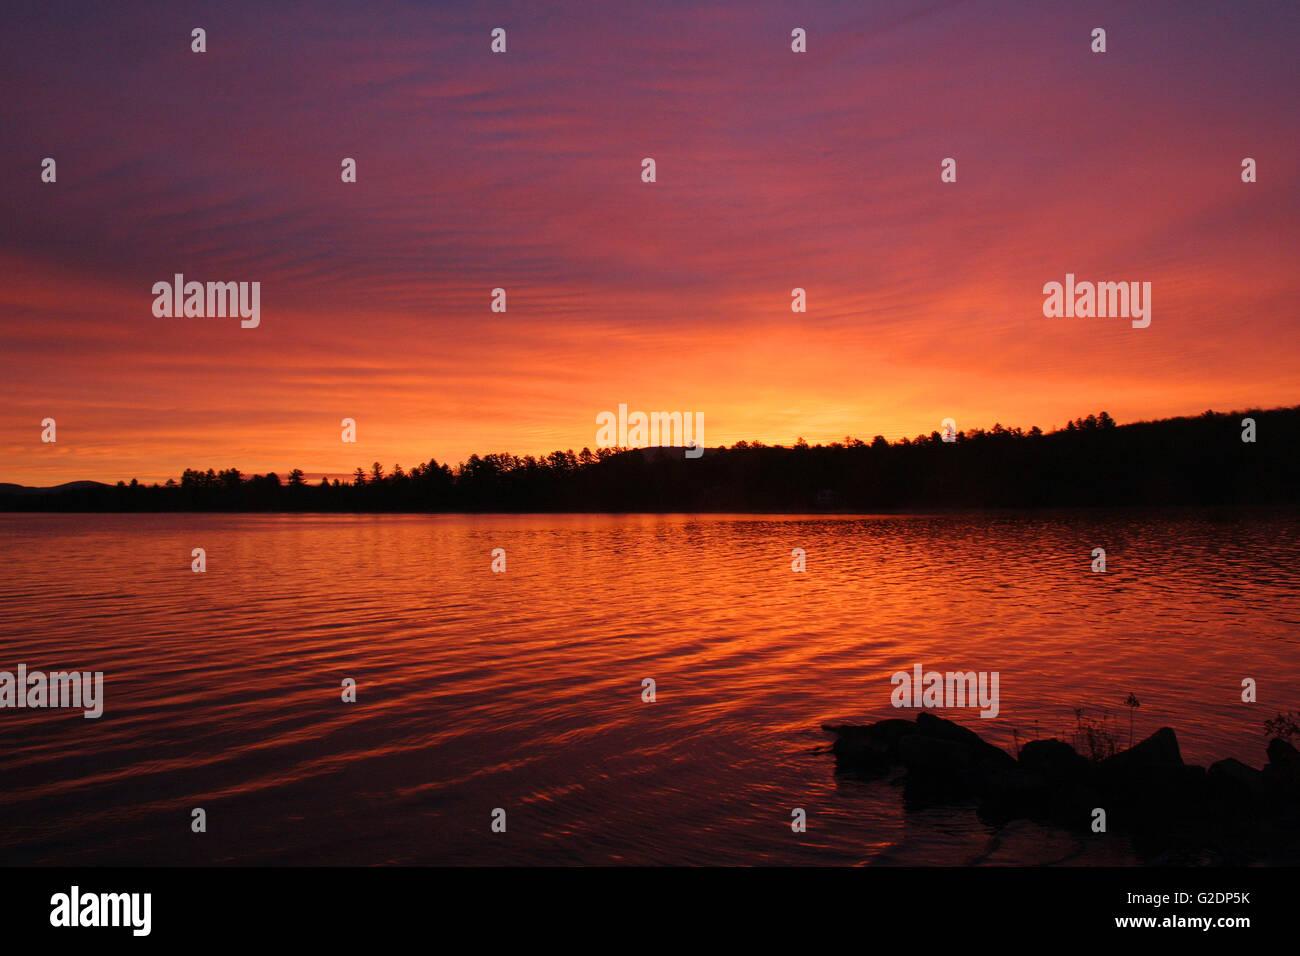 Sunrise over Lake Sacandaga, Adirondack Mountains, New York, United States - Stock Image